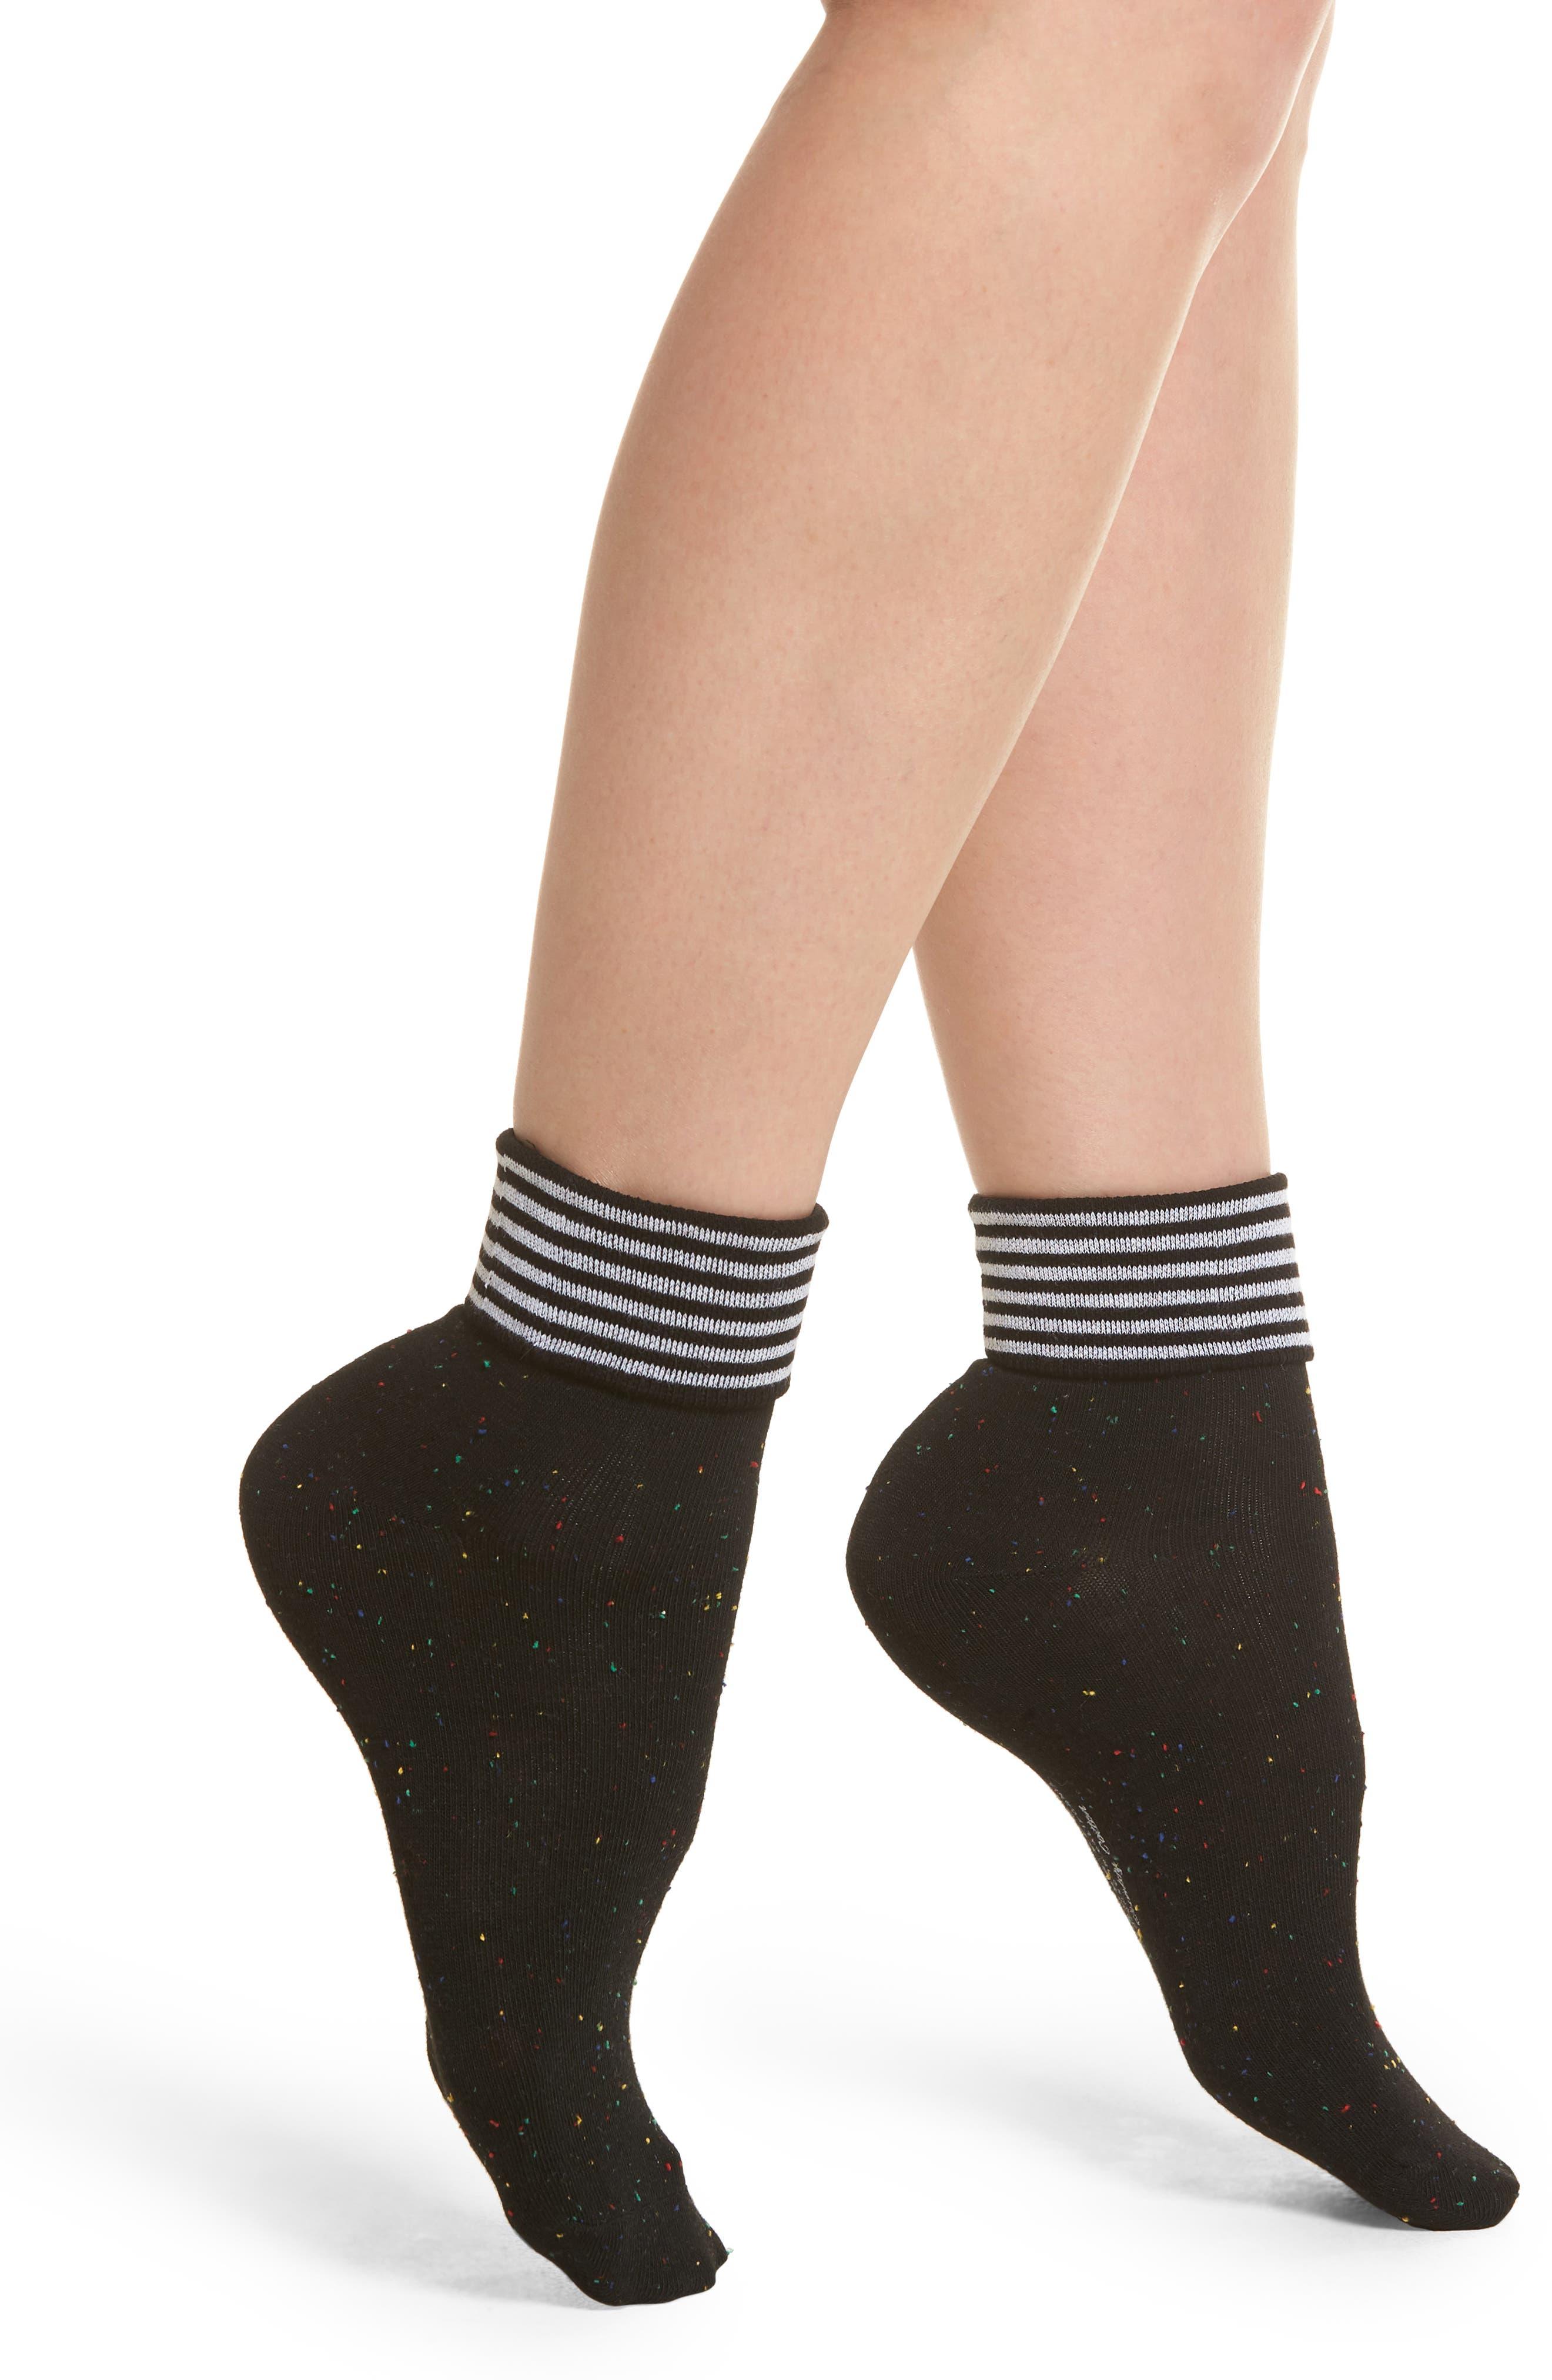 Richer Poorer Tina Foldover Ankle Socks